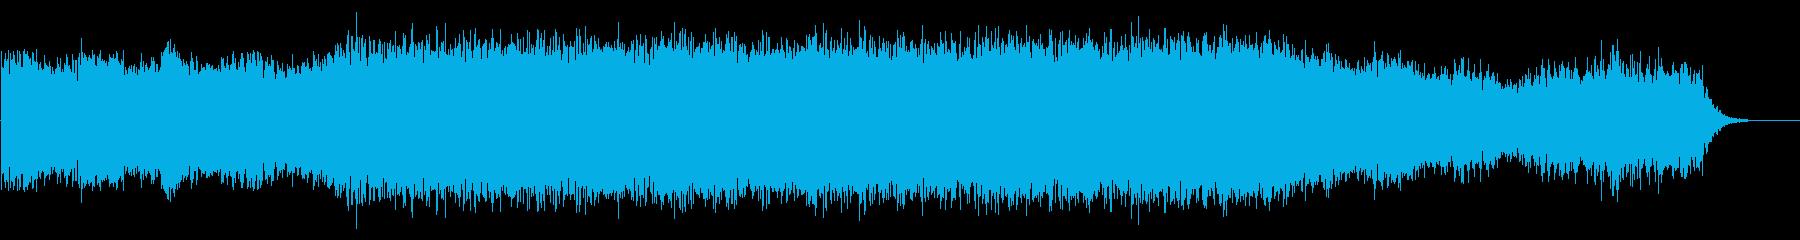 アンビエント・神秘的・リラックス・時計Fの再生済みの波形